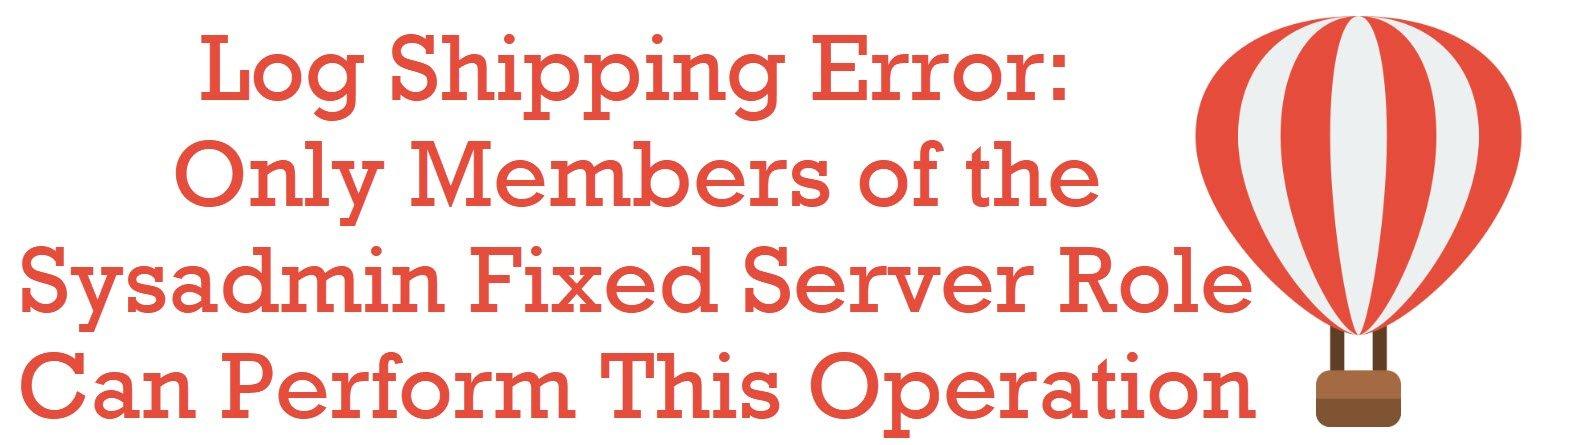 log shipping error